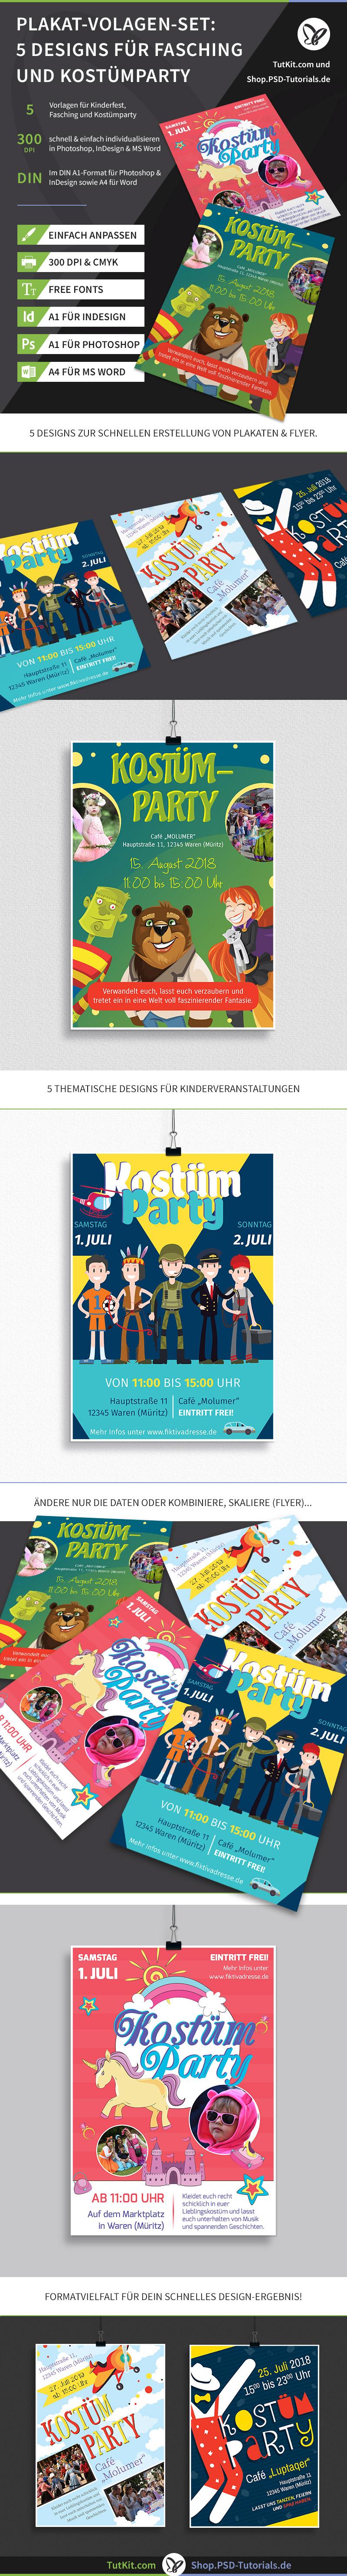 Überblick über die Plakat- und Flyer-Vorlagen für Kinderfest und Kinderfasching